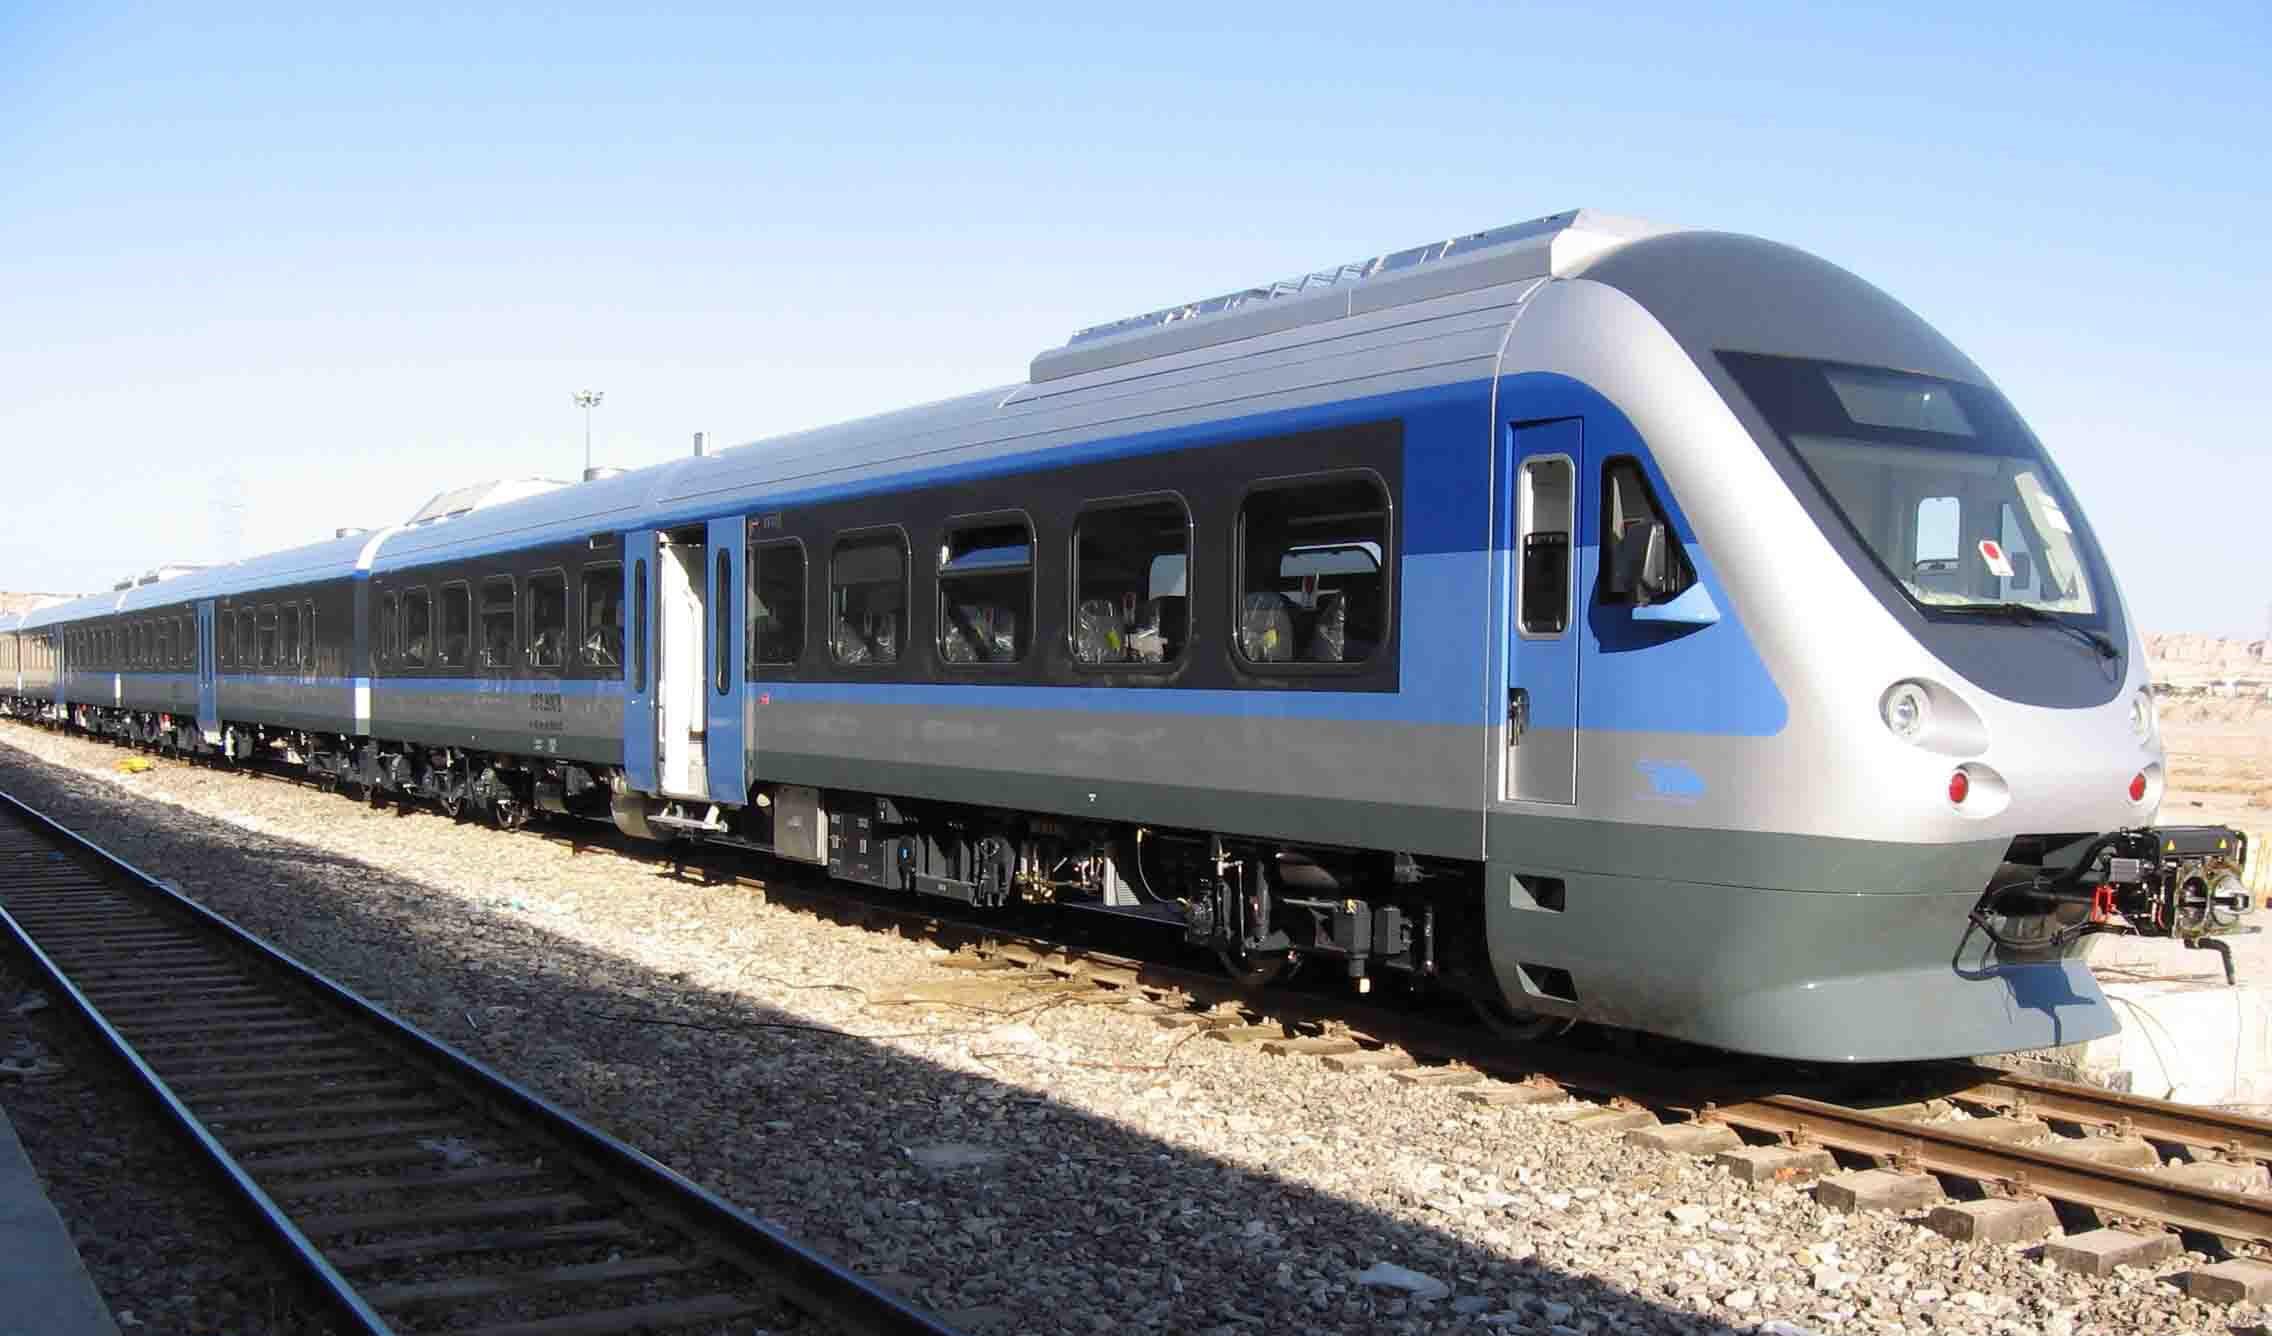 استرداد بلیت قطارهای مسافری از طریق تماس با تلفن شماره ۱۵۳۹